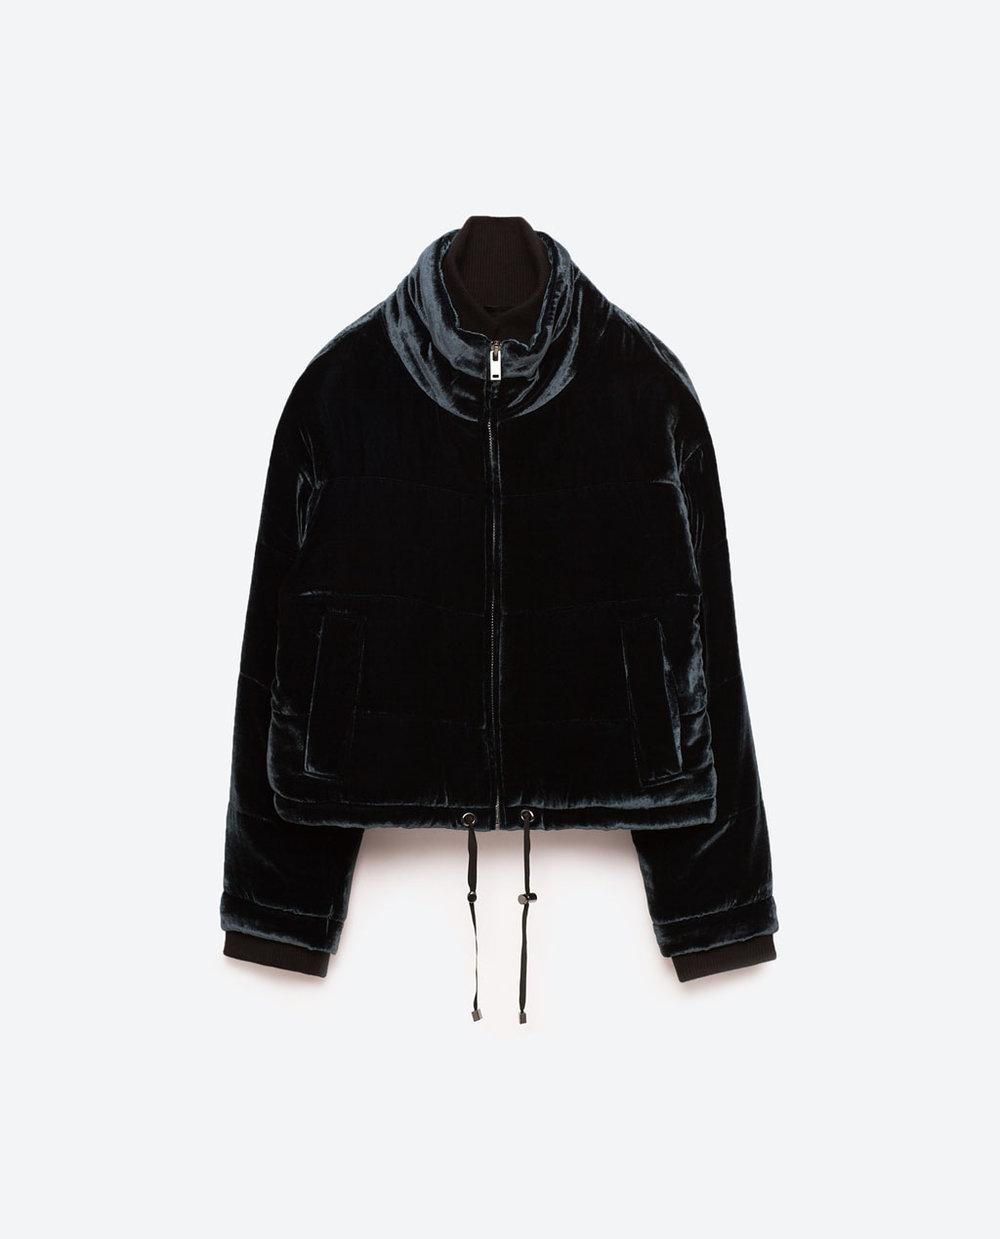 Zara Quilted Velvet Jacket